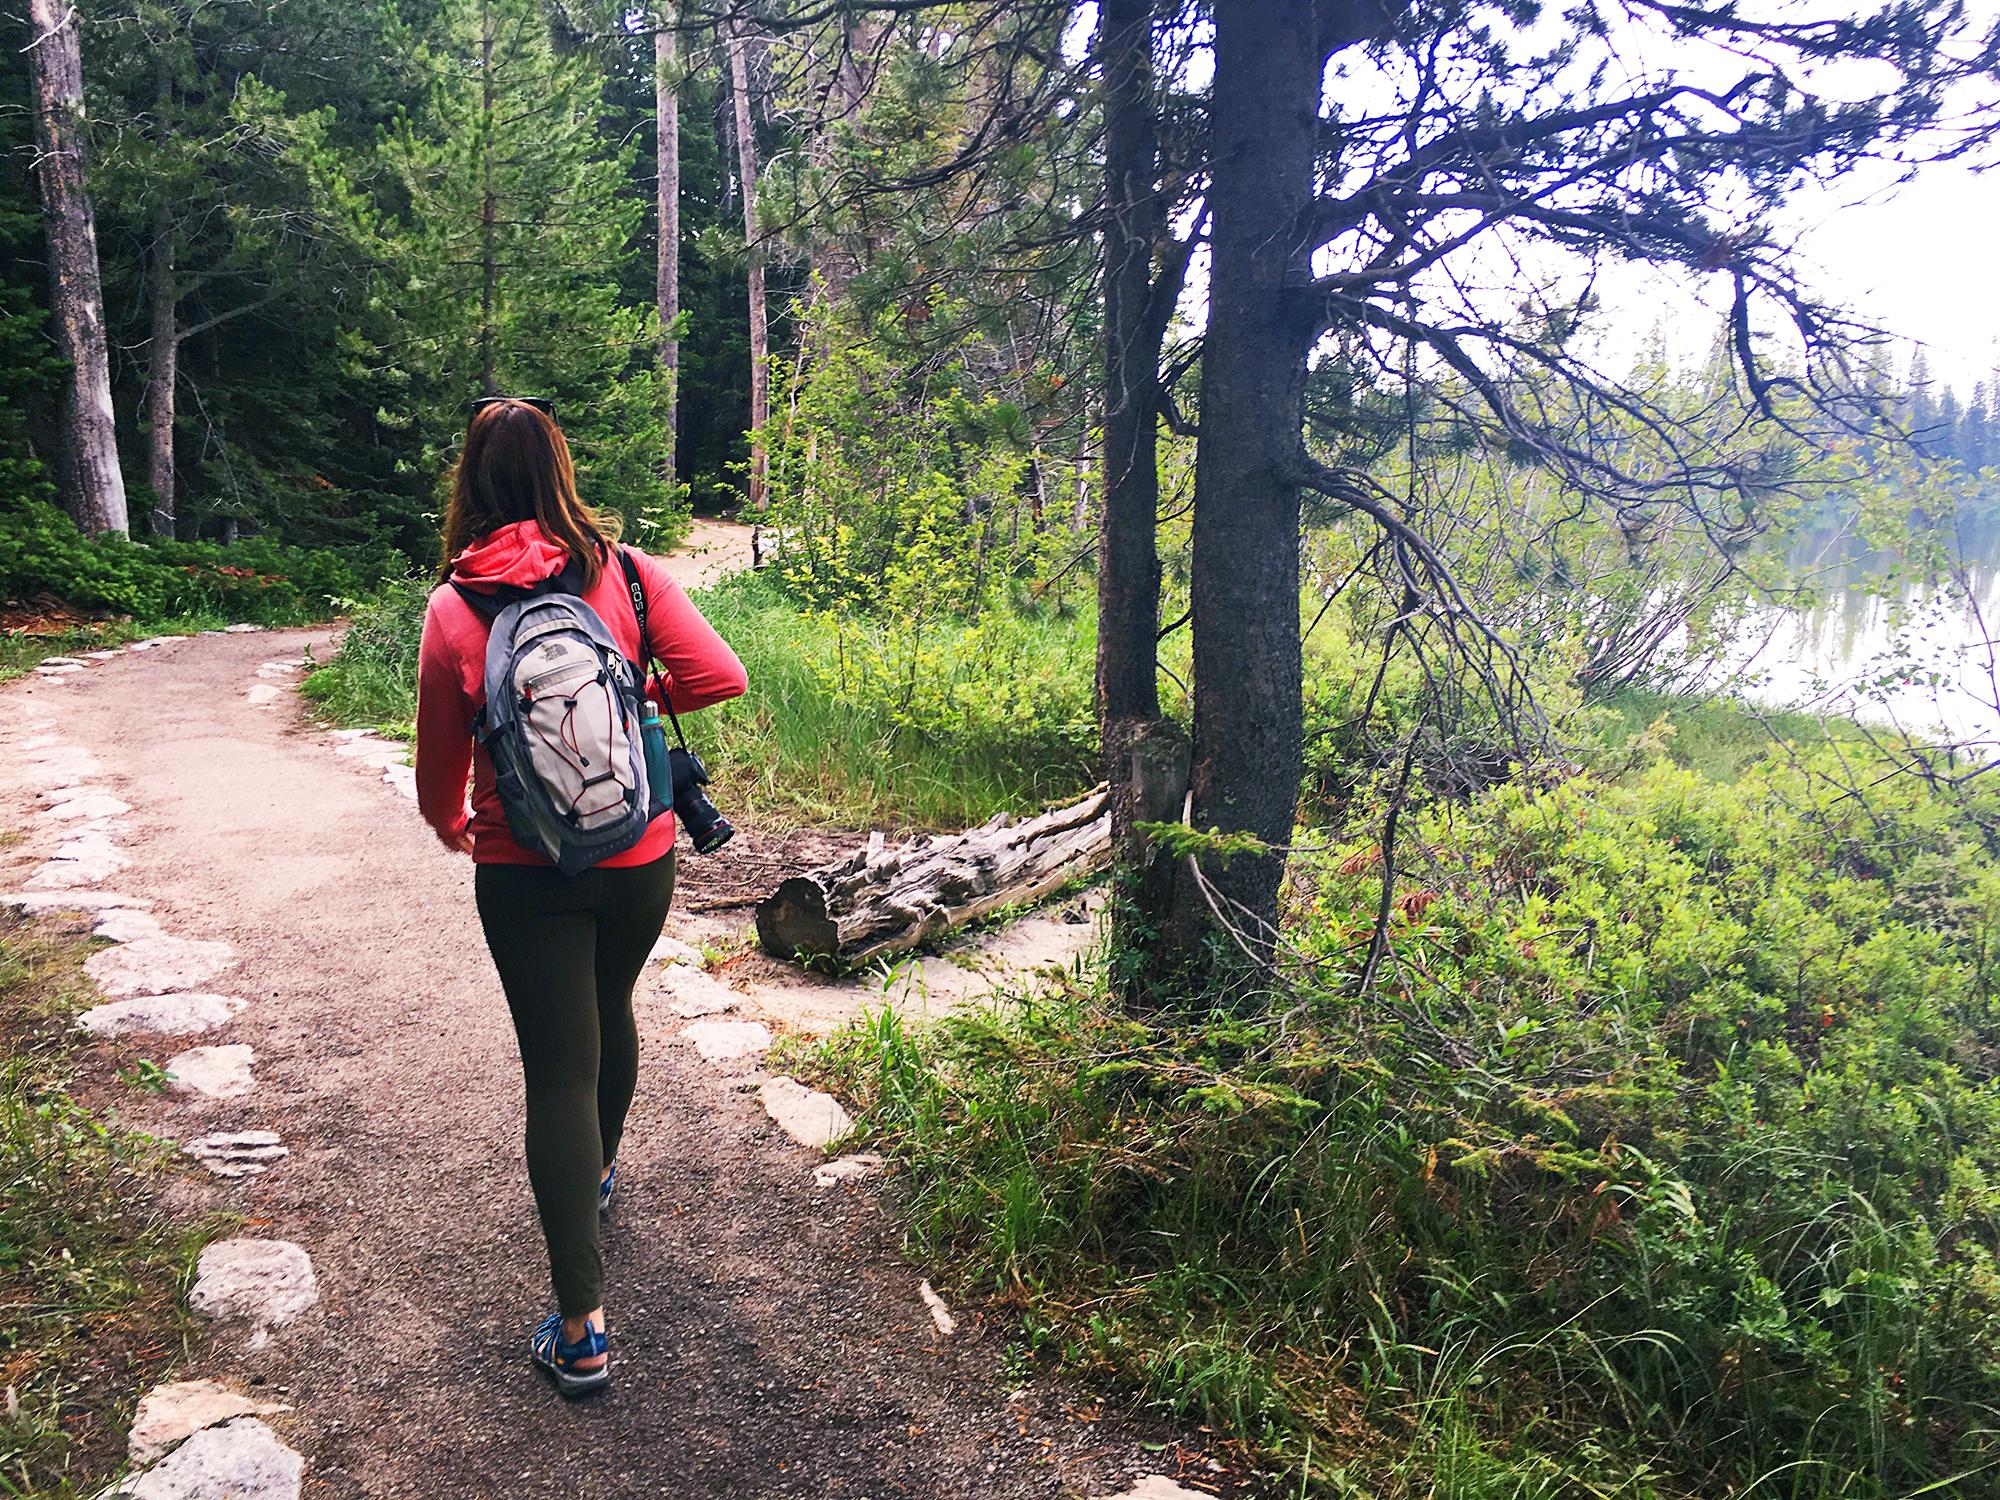 jo-torrijos-states-of-reverie-grand-teton-national-park-string-lake-hike-16.jpg